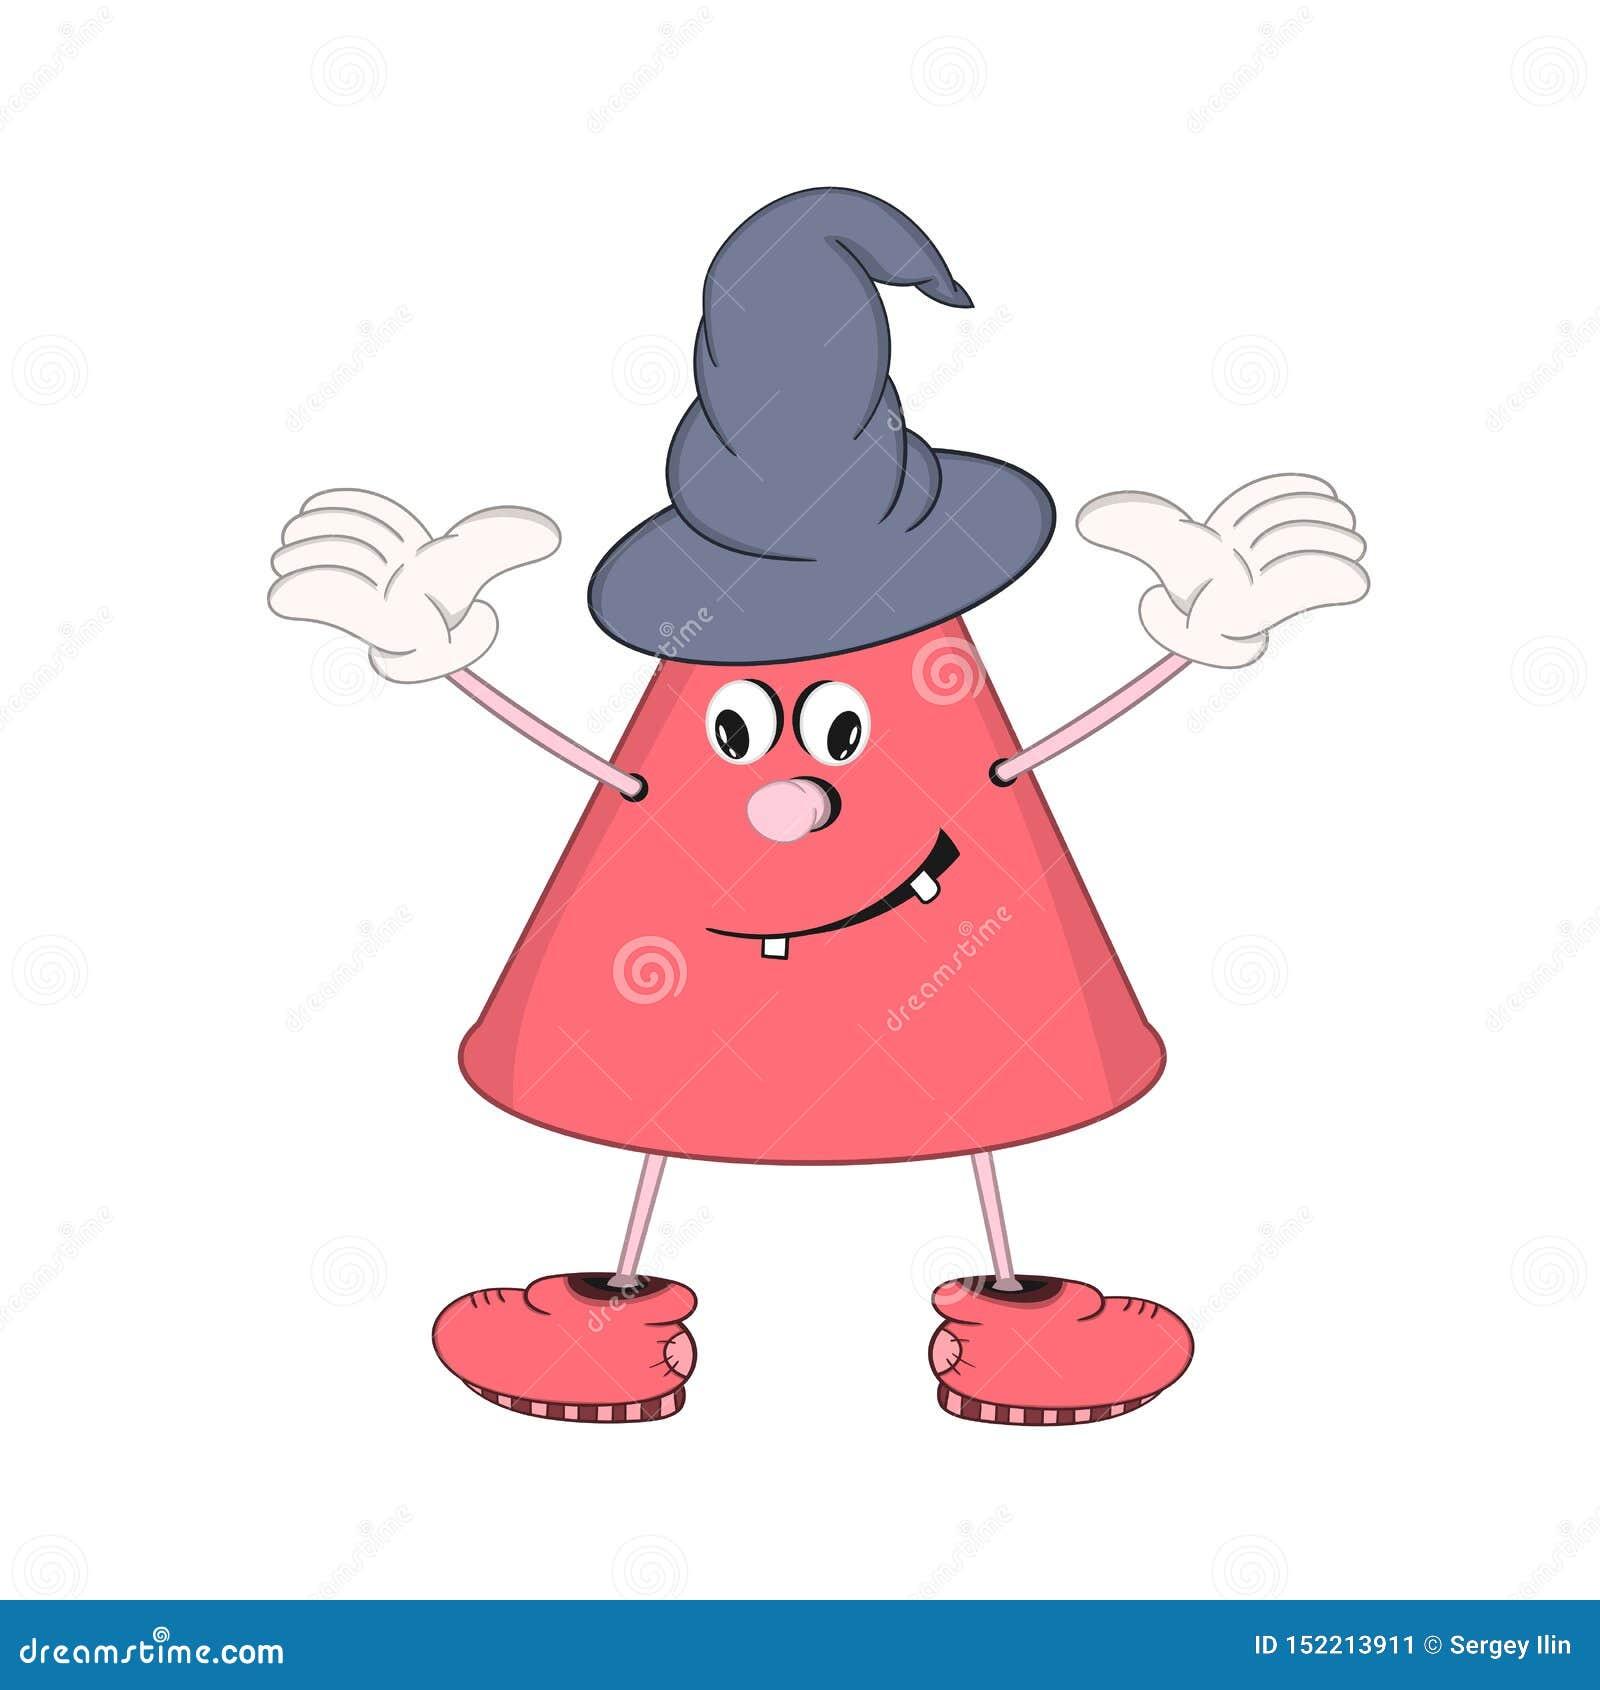 O cone engraçado dos desenhos animados com olhos, mãos e pés, demonstra a emoção de um sorriso Na cabeça é o tampão de um feitice